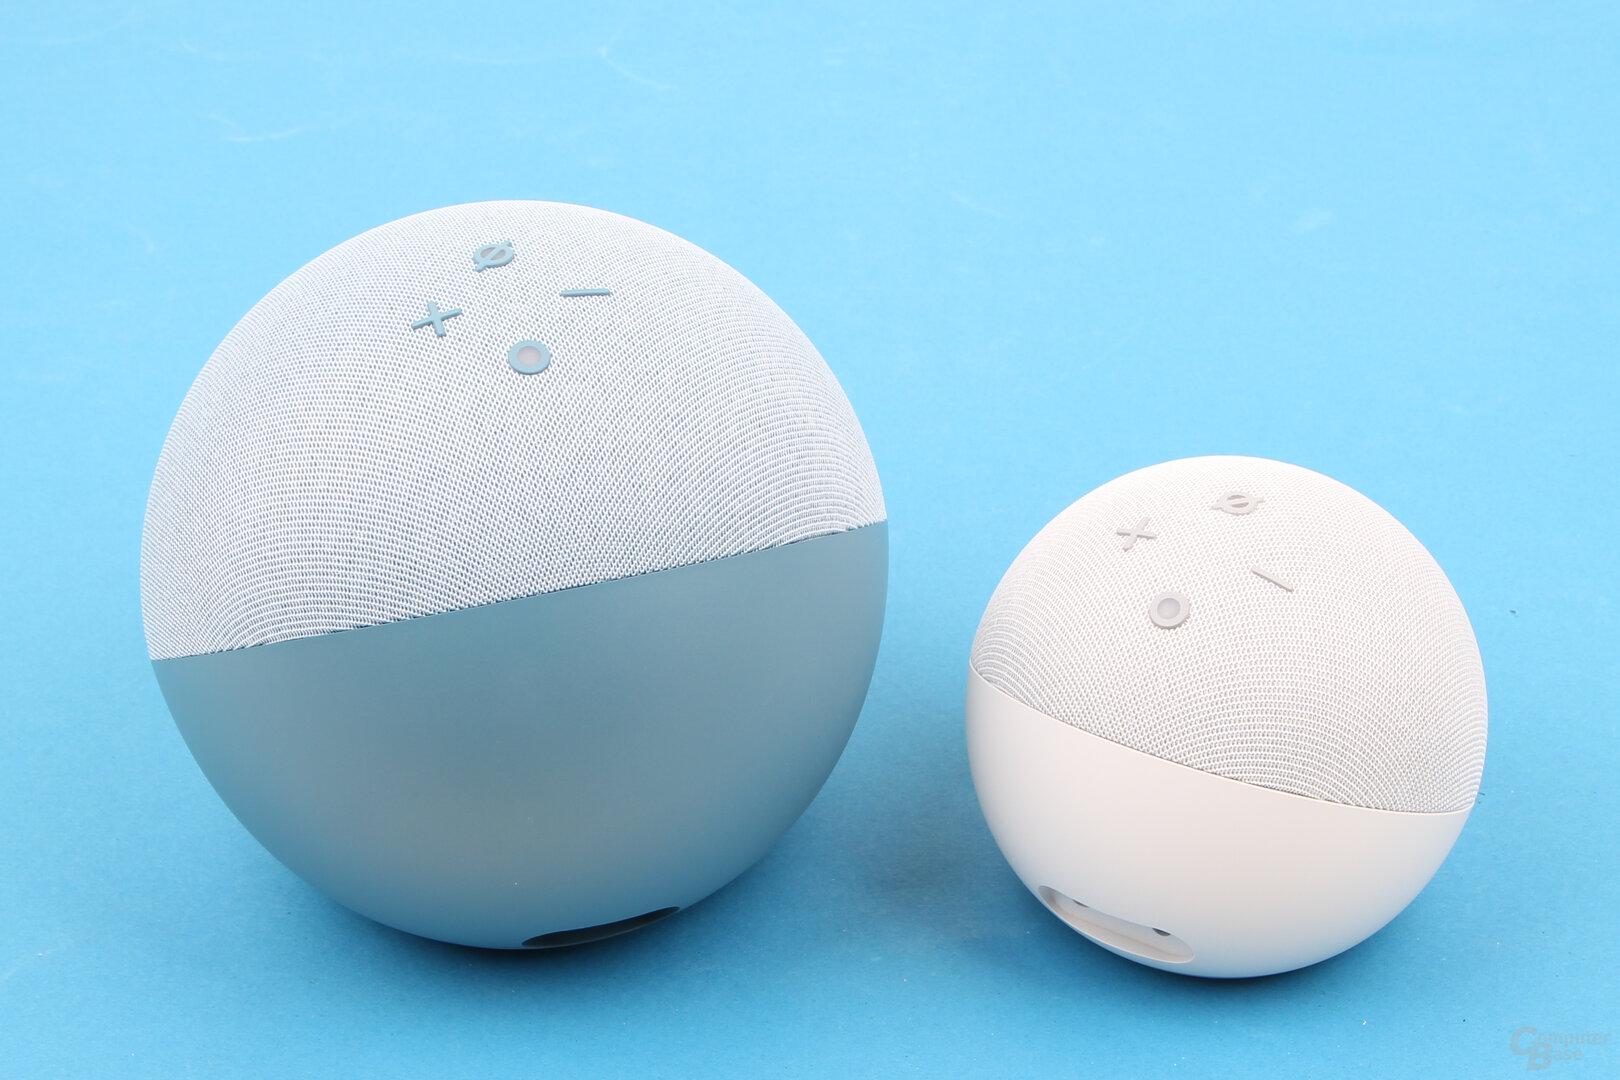 Amazon Echo (4. Gen.) und Echo Dot mit Uhr (4. Gen.)